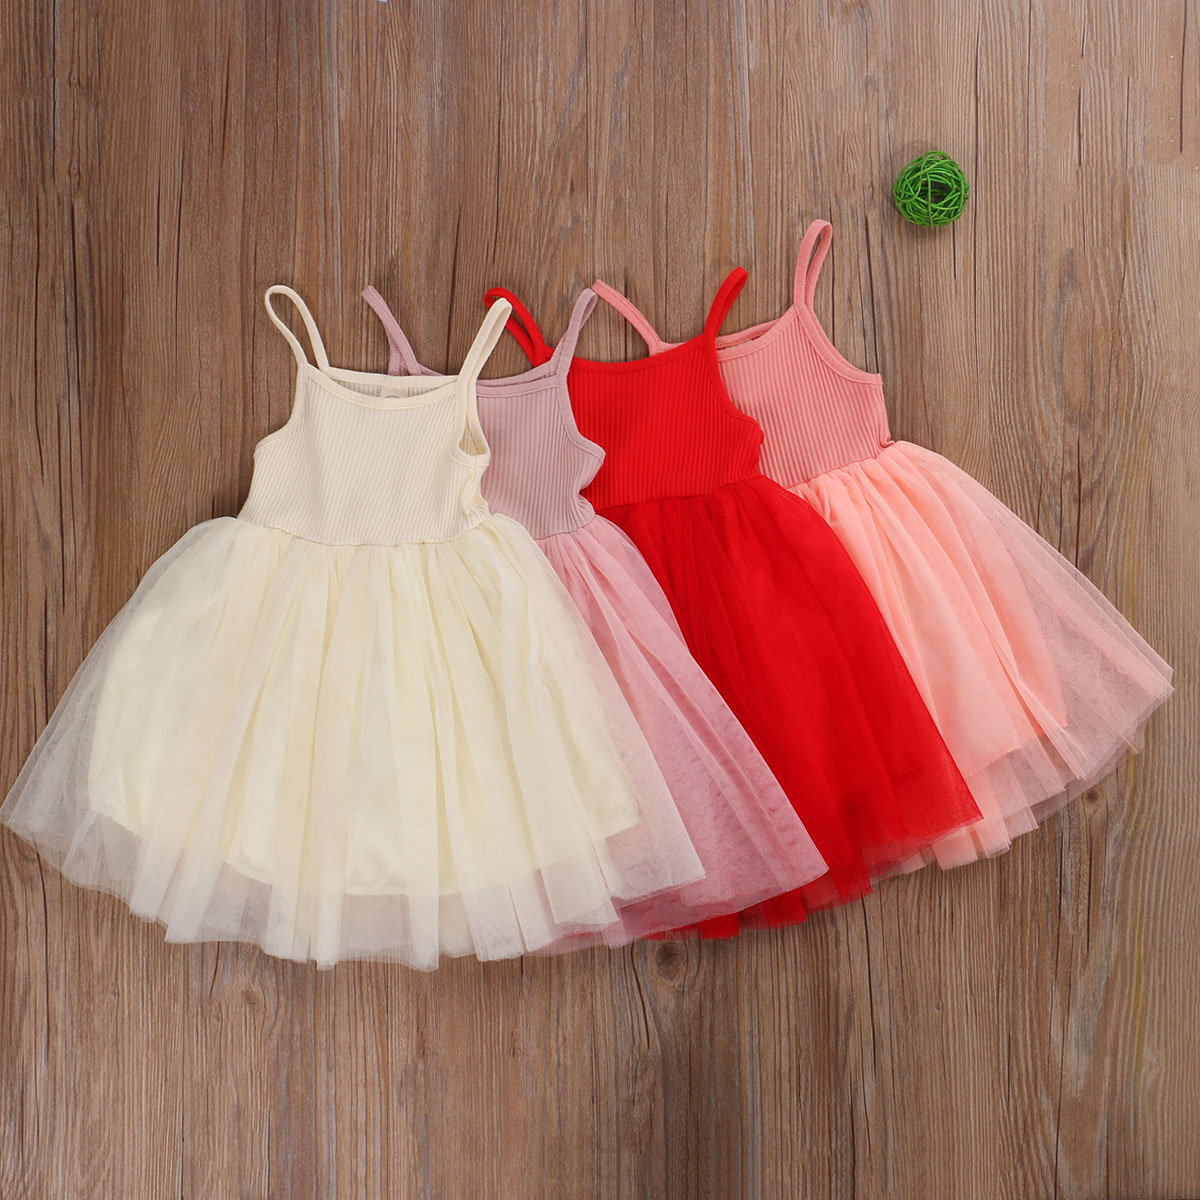 Crianças da criança do bebê menina sólida princesa vestido de espaguete alças sem mangas tutu tule malha camada vestido de festa de aniversário de casamento